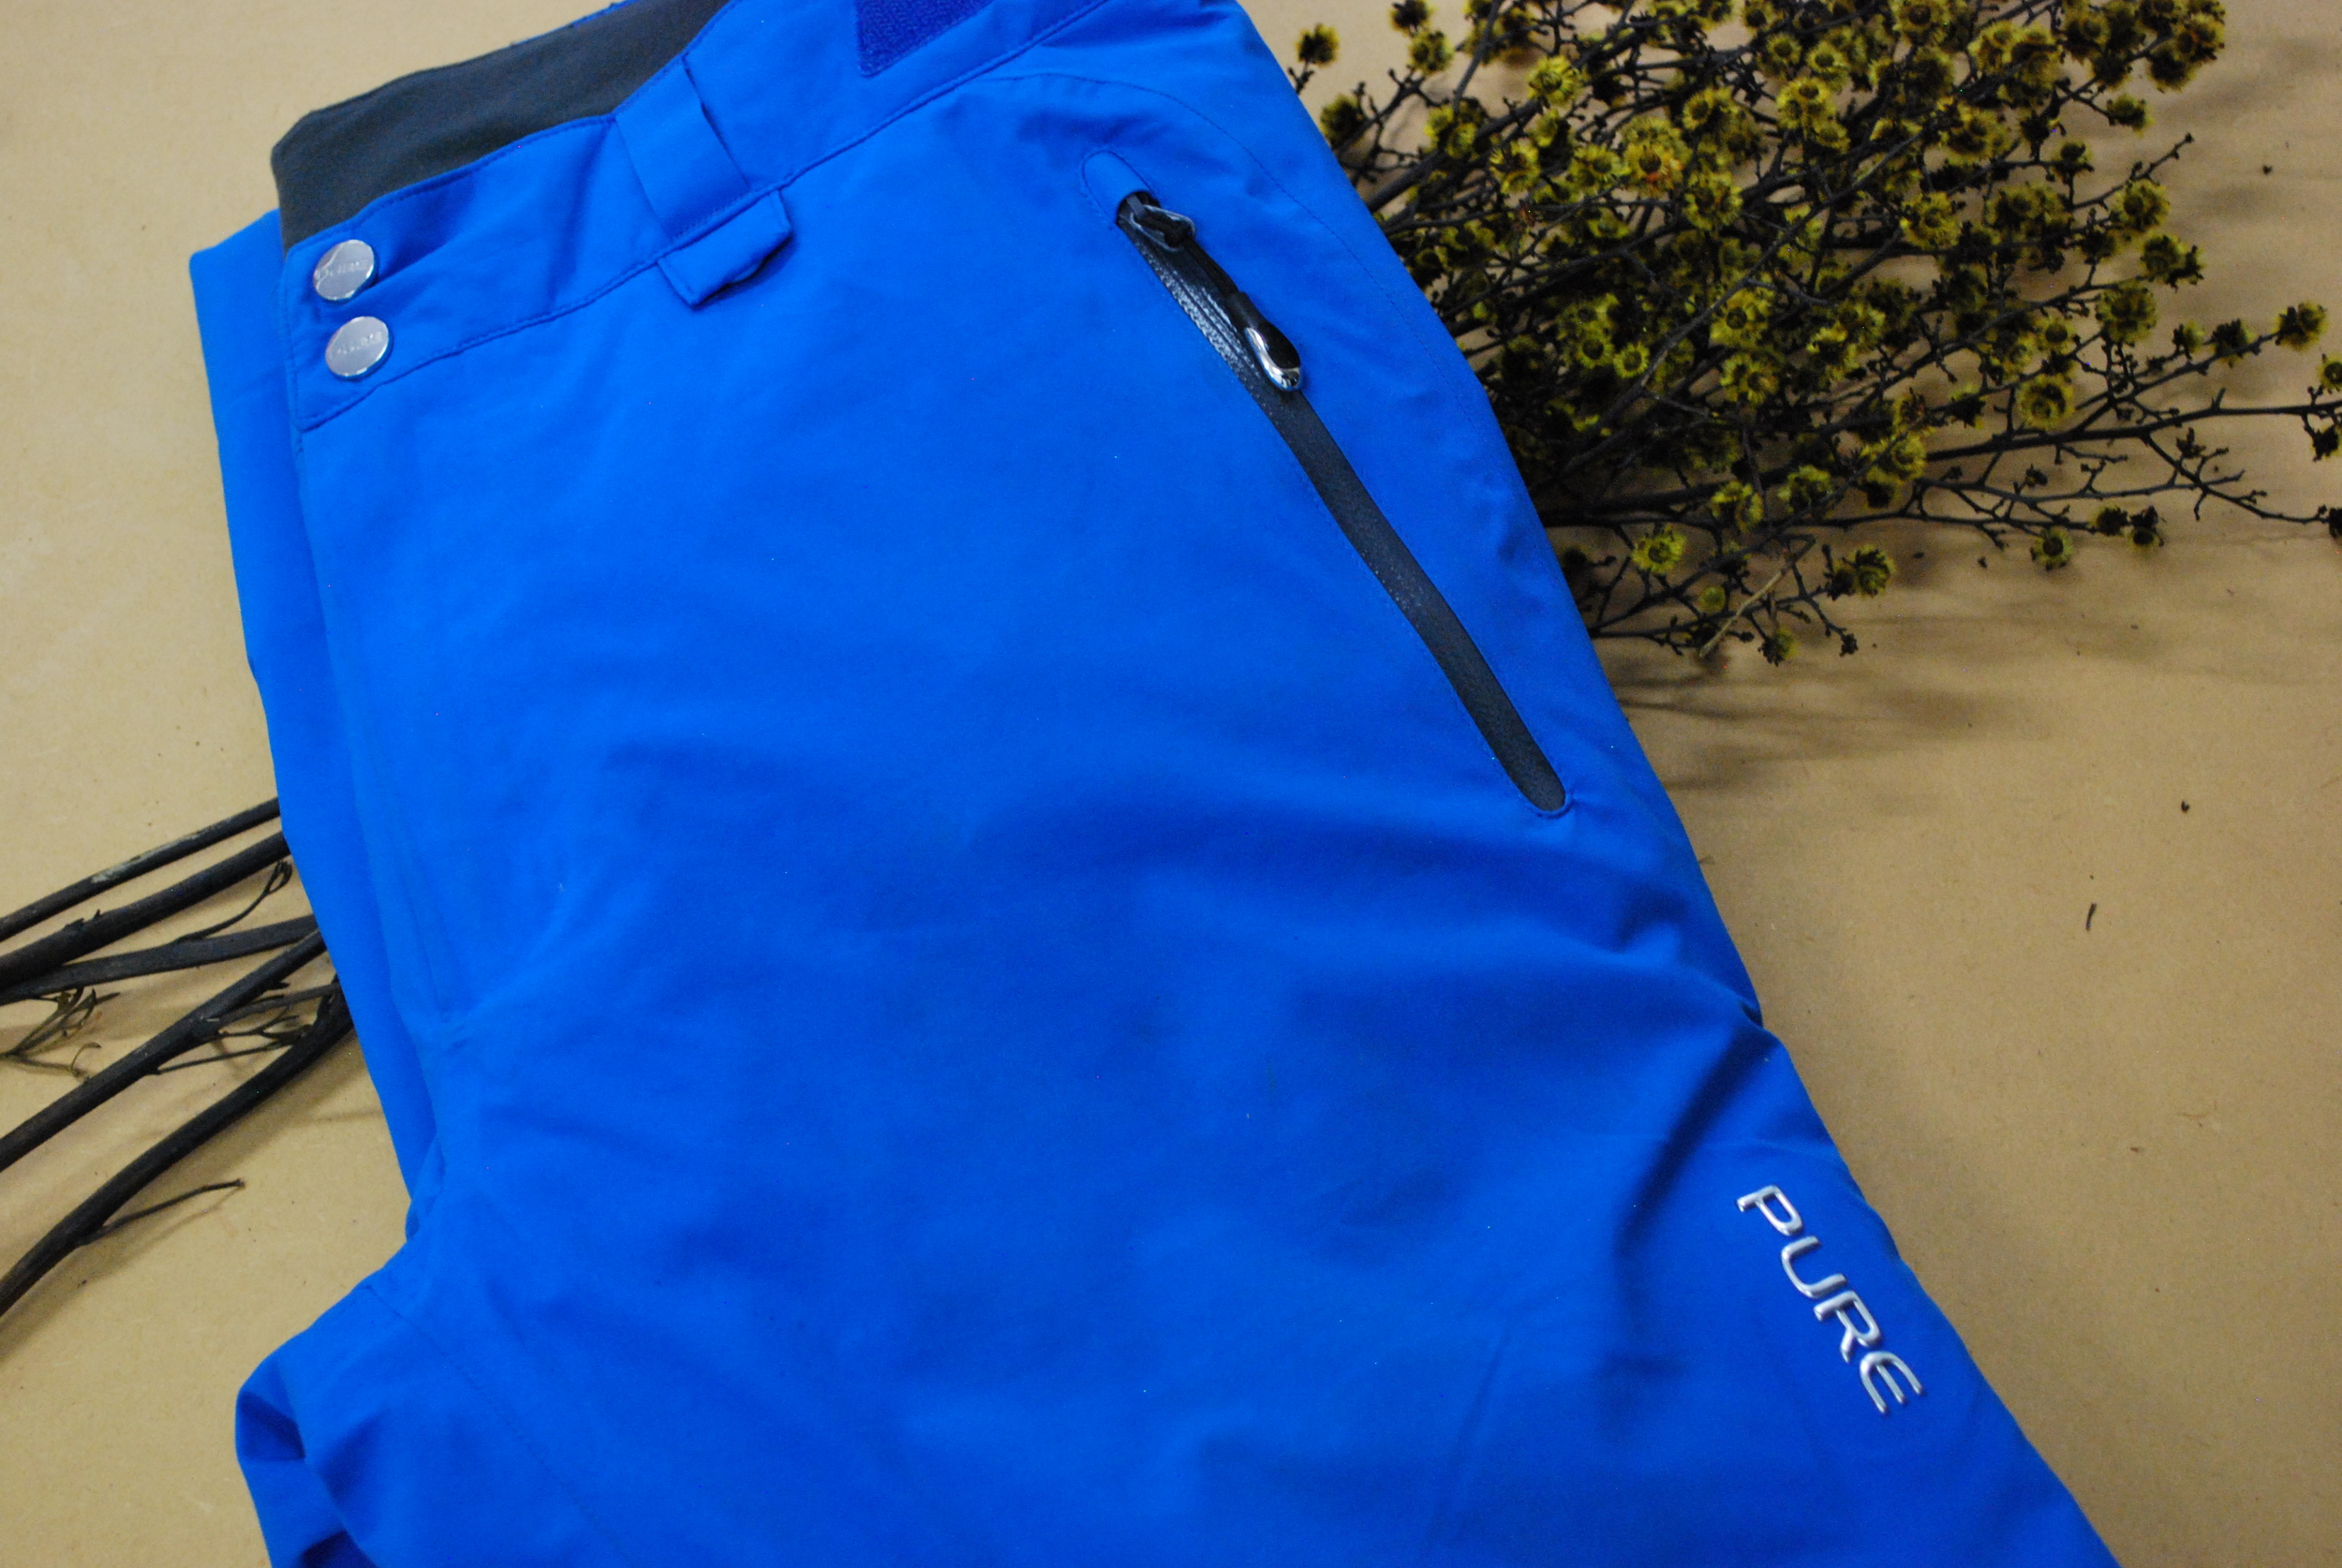 Pure Brandz insulated ski pants